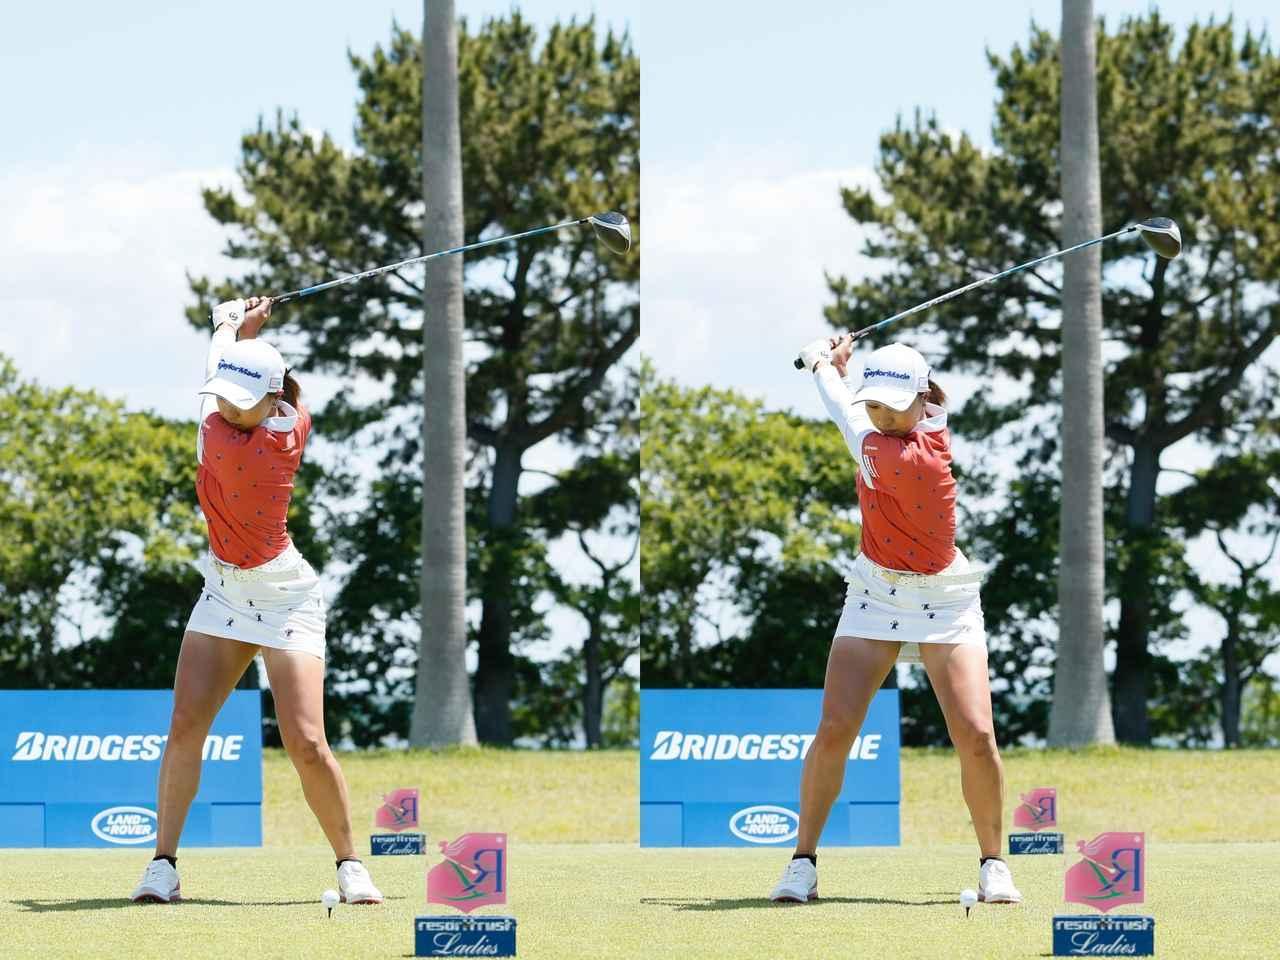 画像: 画像B。トップ(左)からクラブの位置はほぼ変わらないが、左足が動き、腰はほぼ正面を向いている(右)